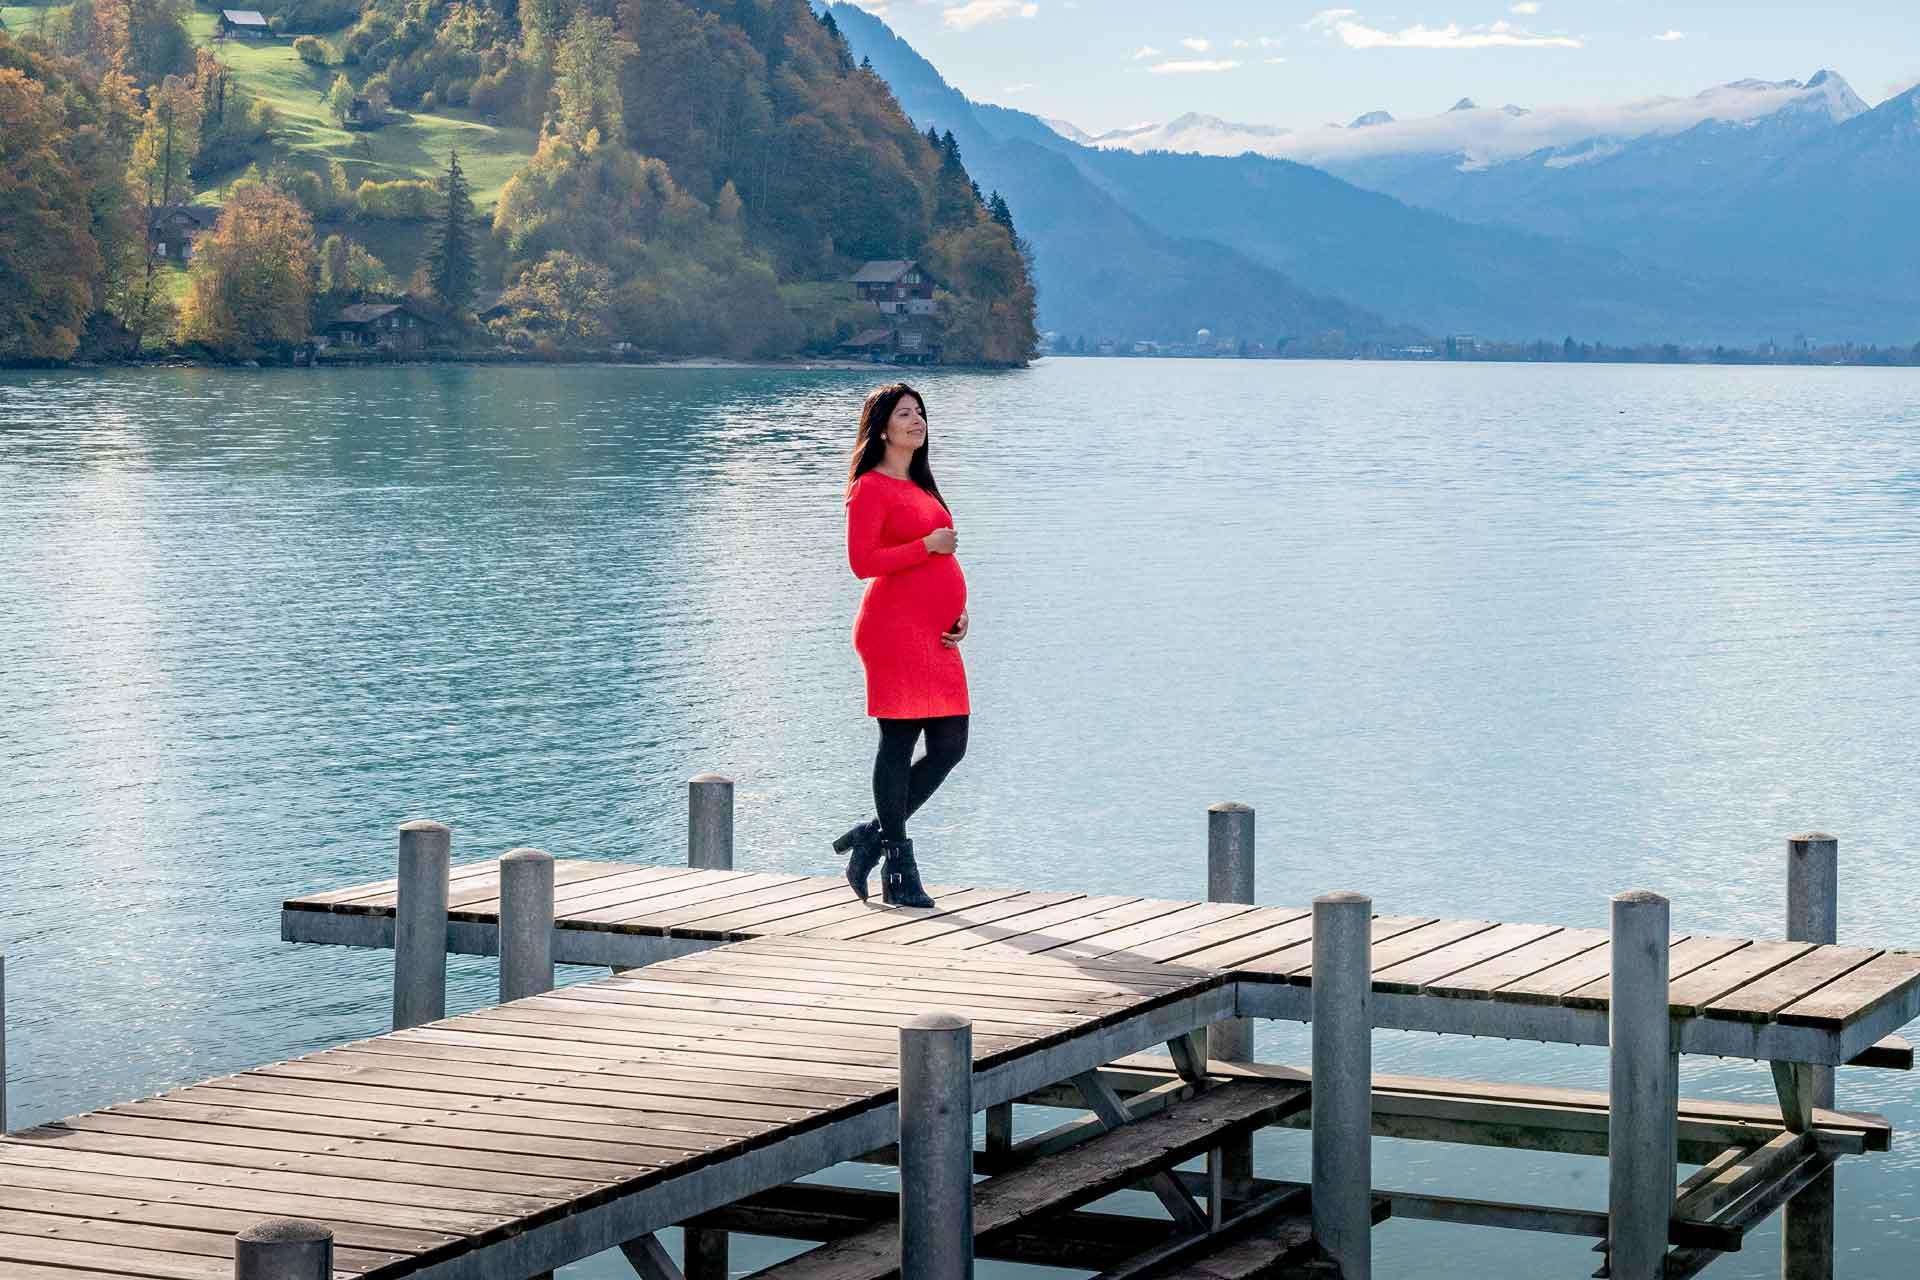 Maternity photo shoot in Switzerland